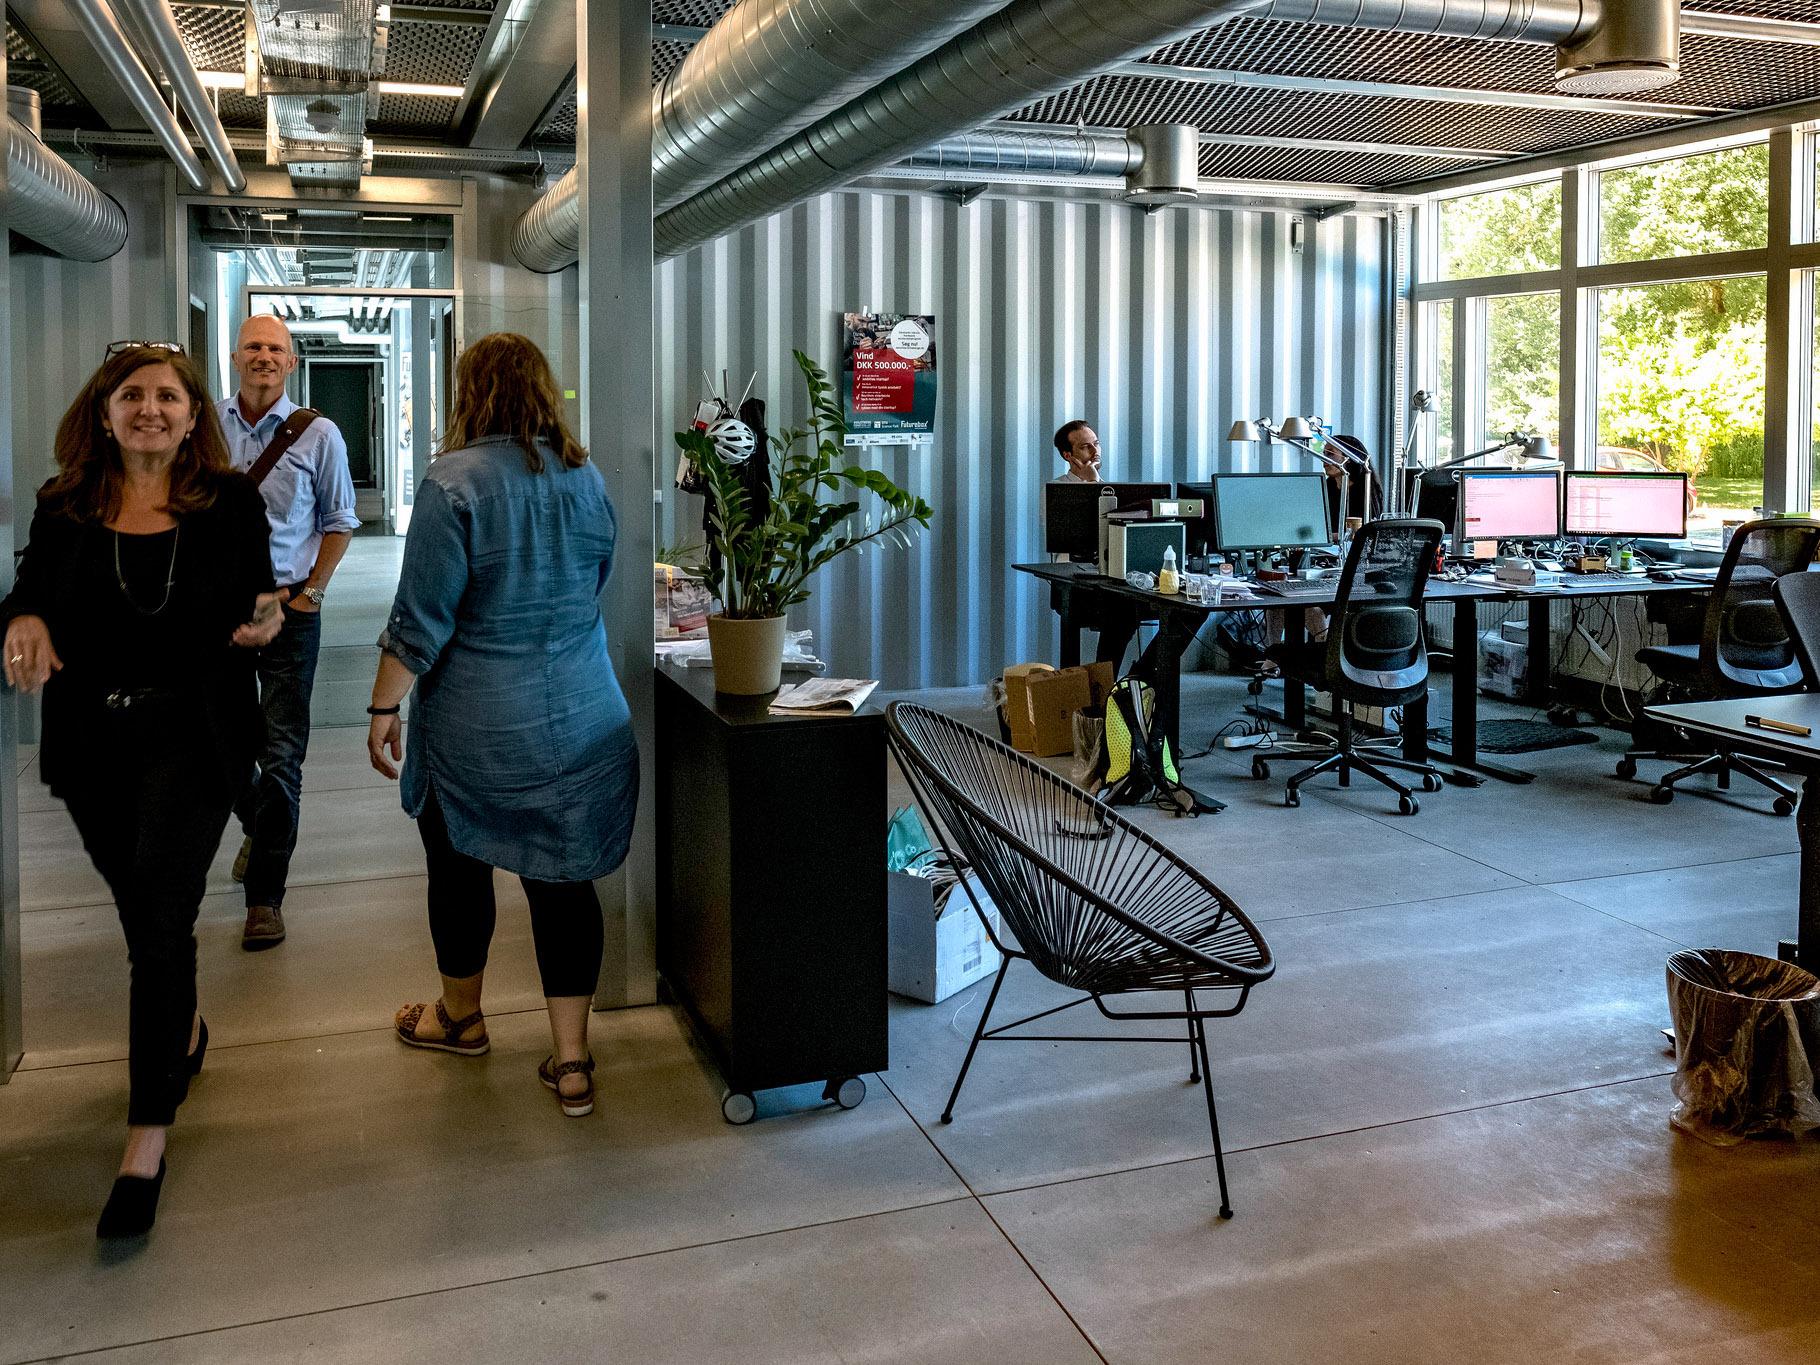 零售新解方,「Coworking Spaces」聯合空間,將工作場所與購物結合!